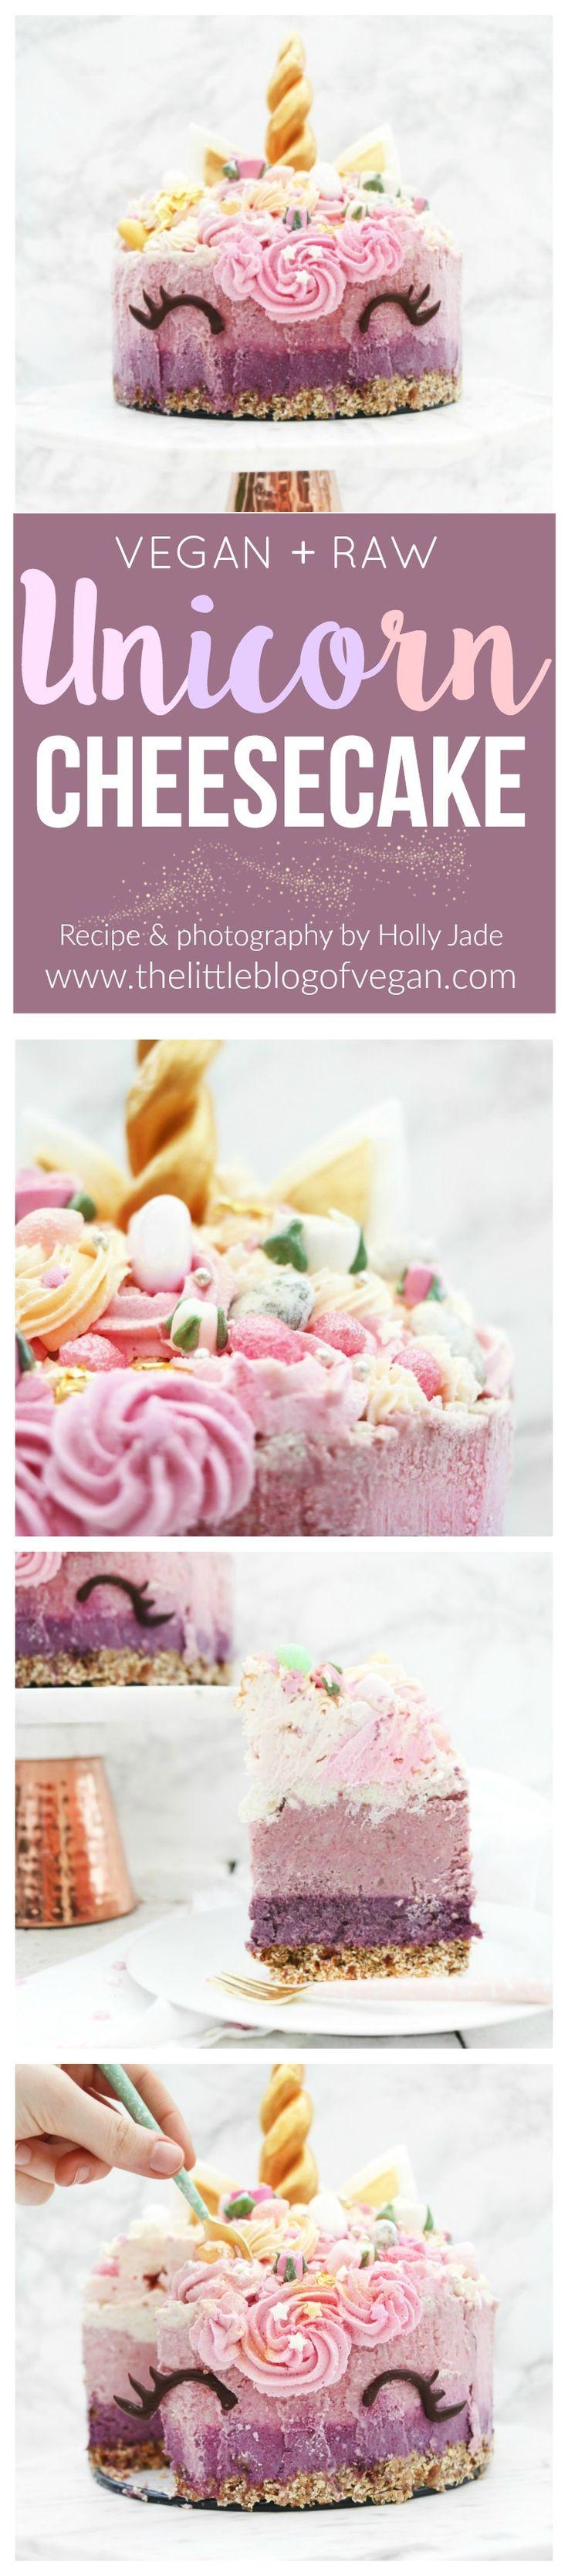 Magical raw, vegan & gluten-free 4 layer berry unicorn cheesecake with vegan pastel buttercream! Easy to make and eye-catching!  #unicorn #cheesecake